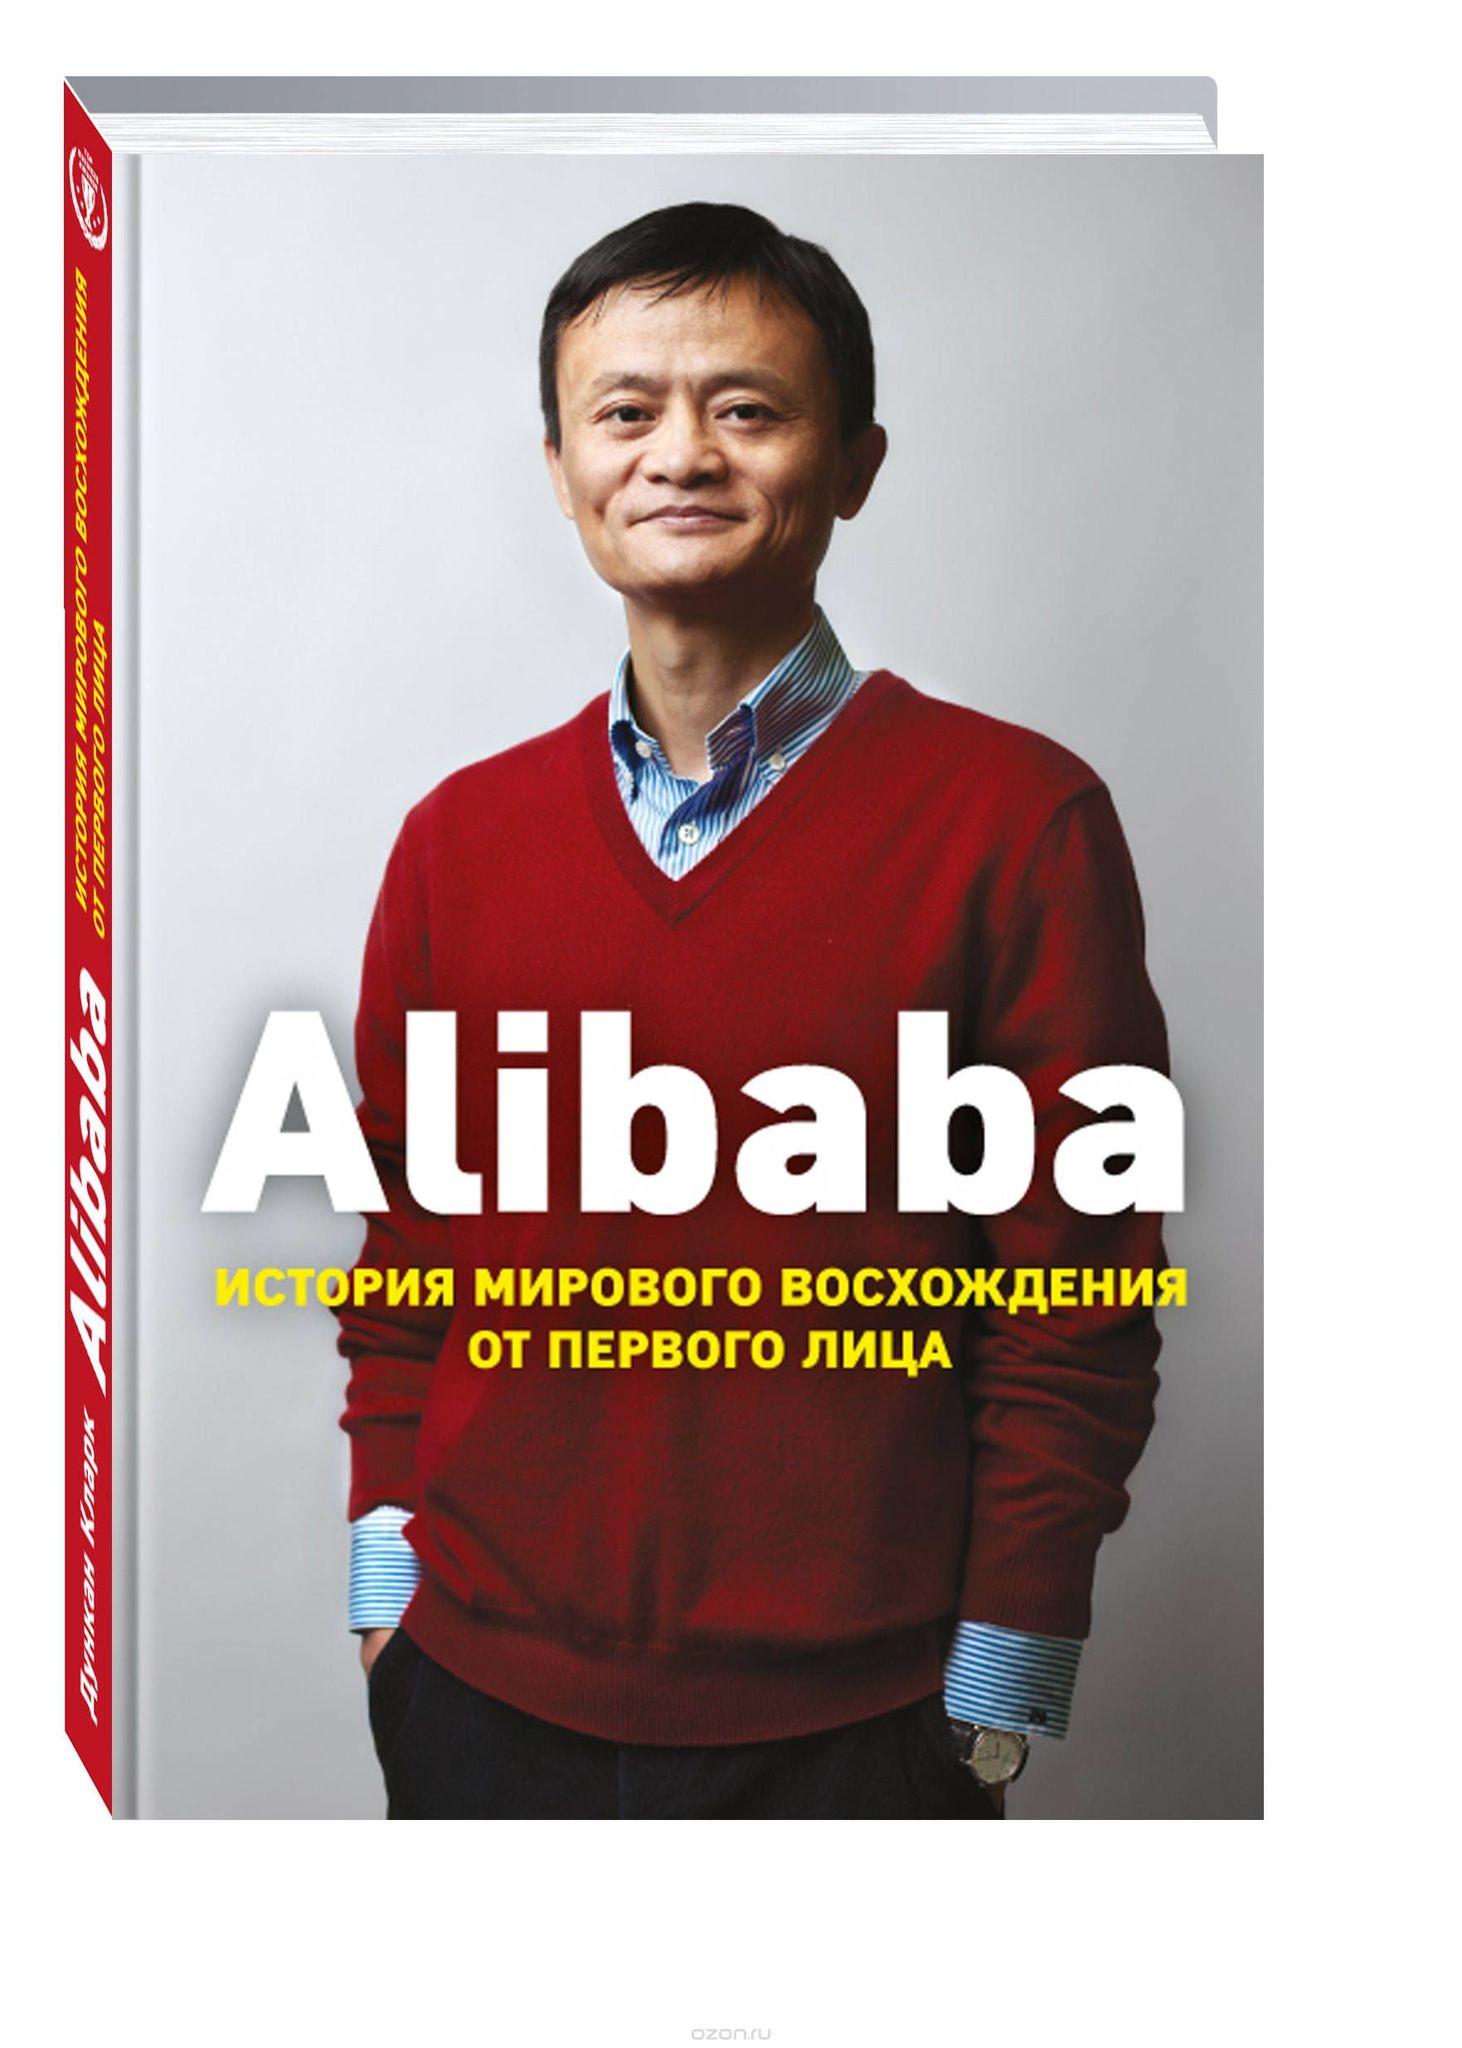 Kitab Alibaba. История мирового восхождения   Дункан Кларк